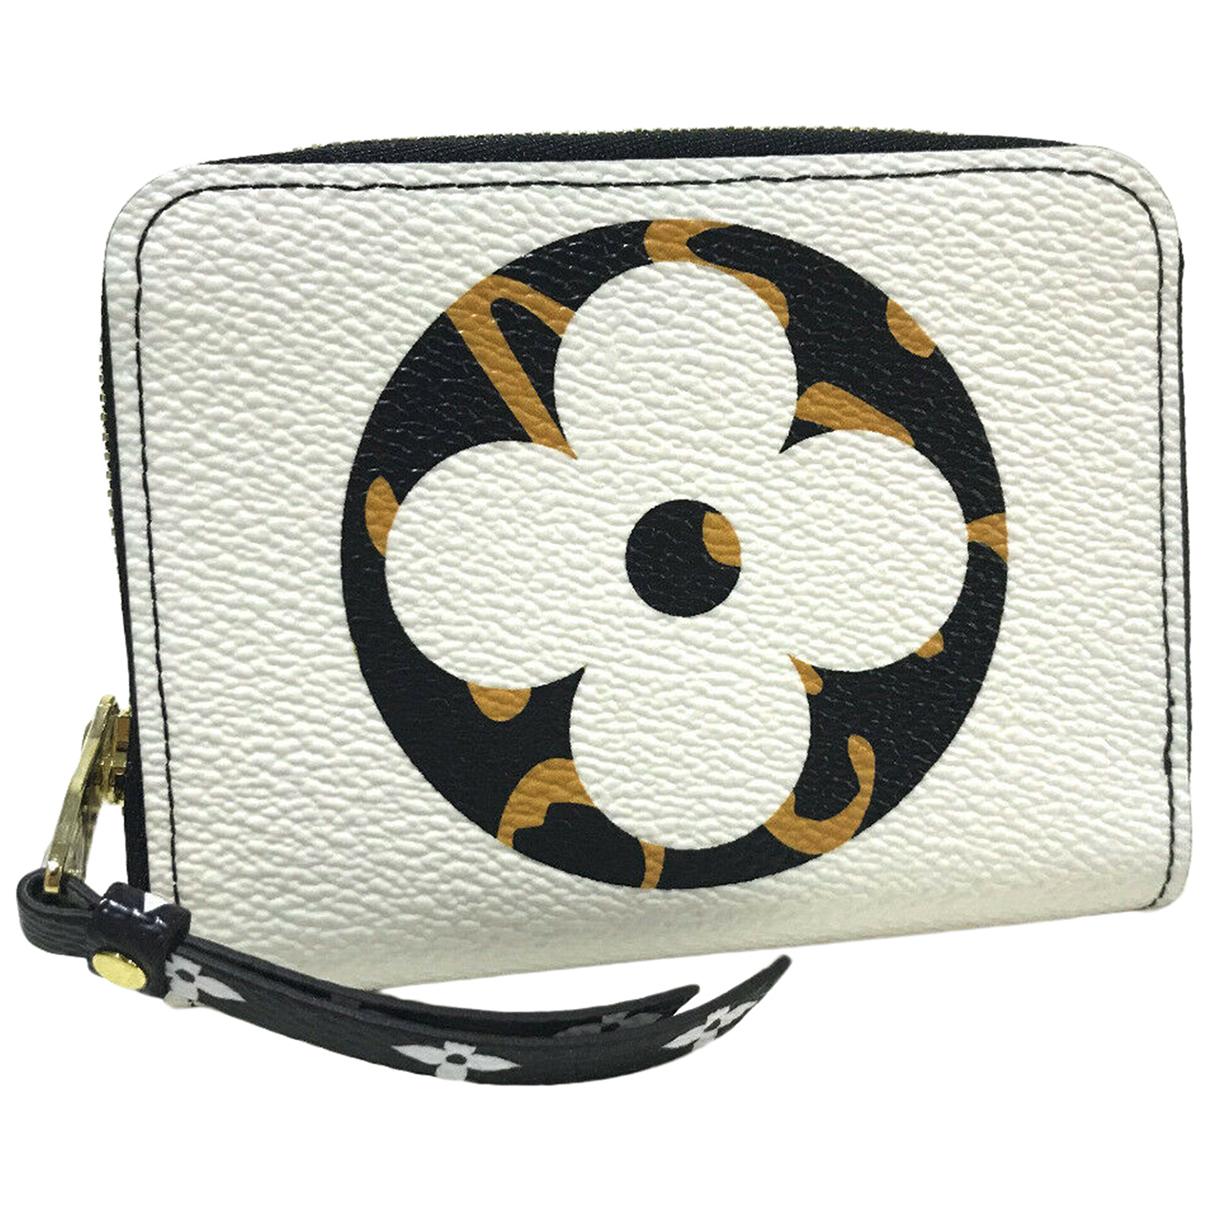 Louis Vuitton - Portefeuille Zippy pour femme en cuir - multicolore